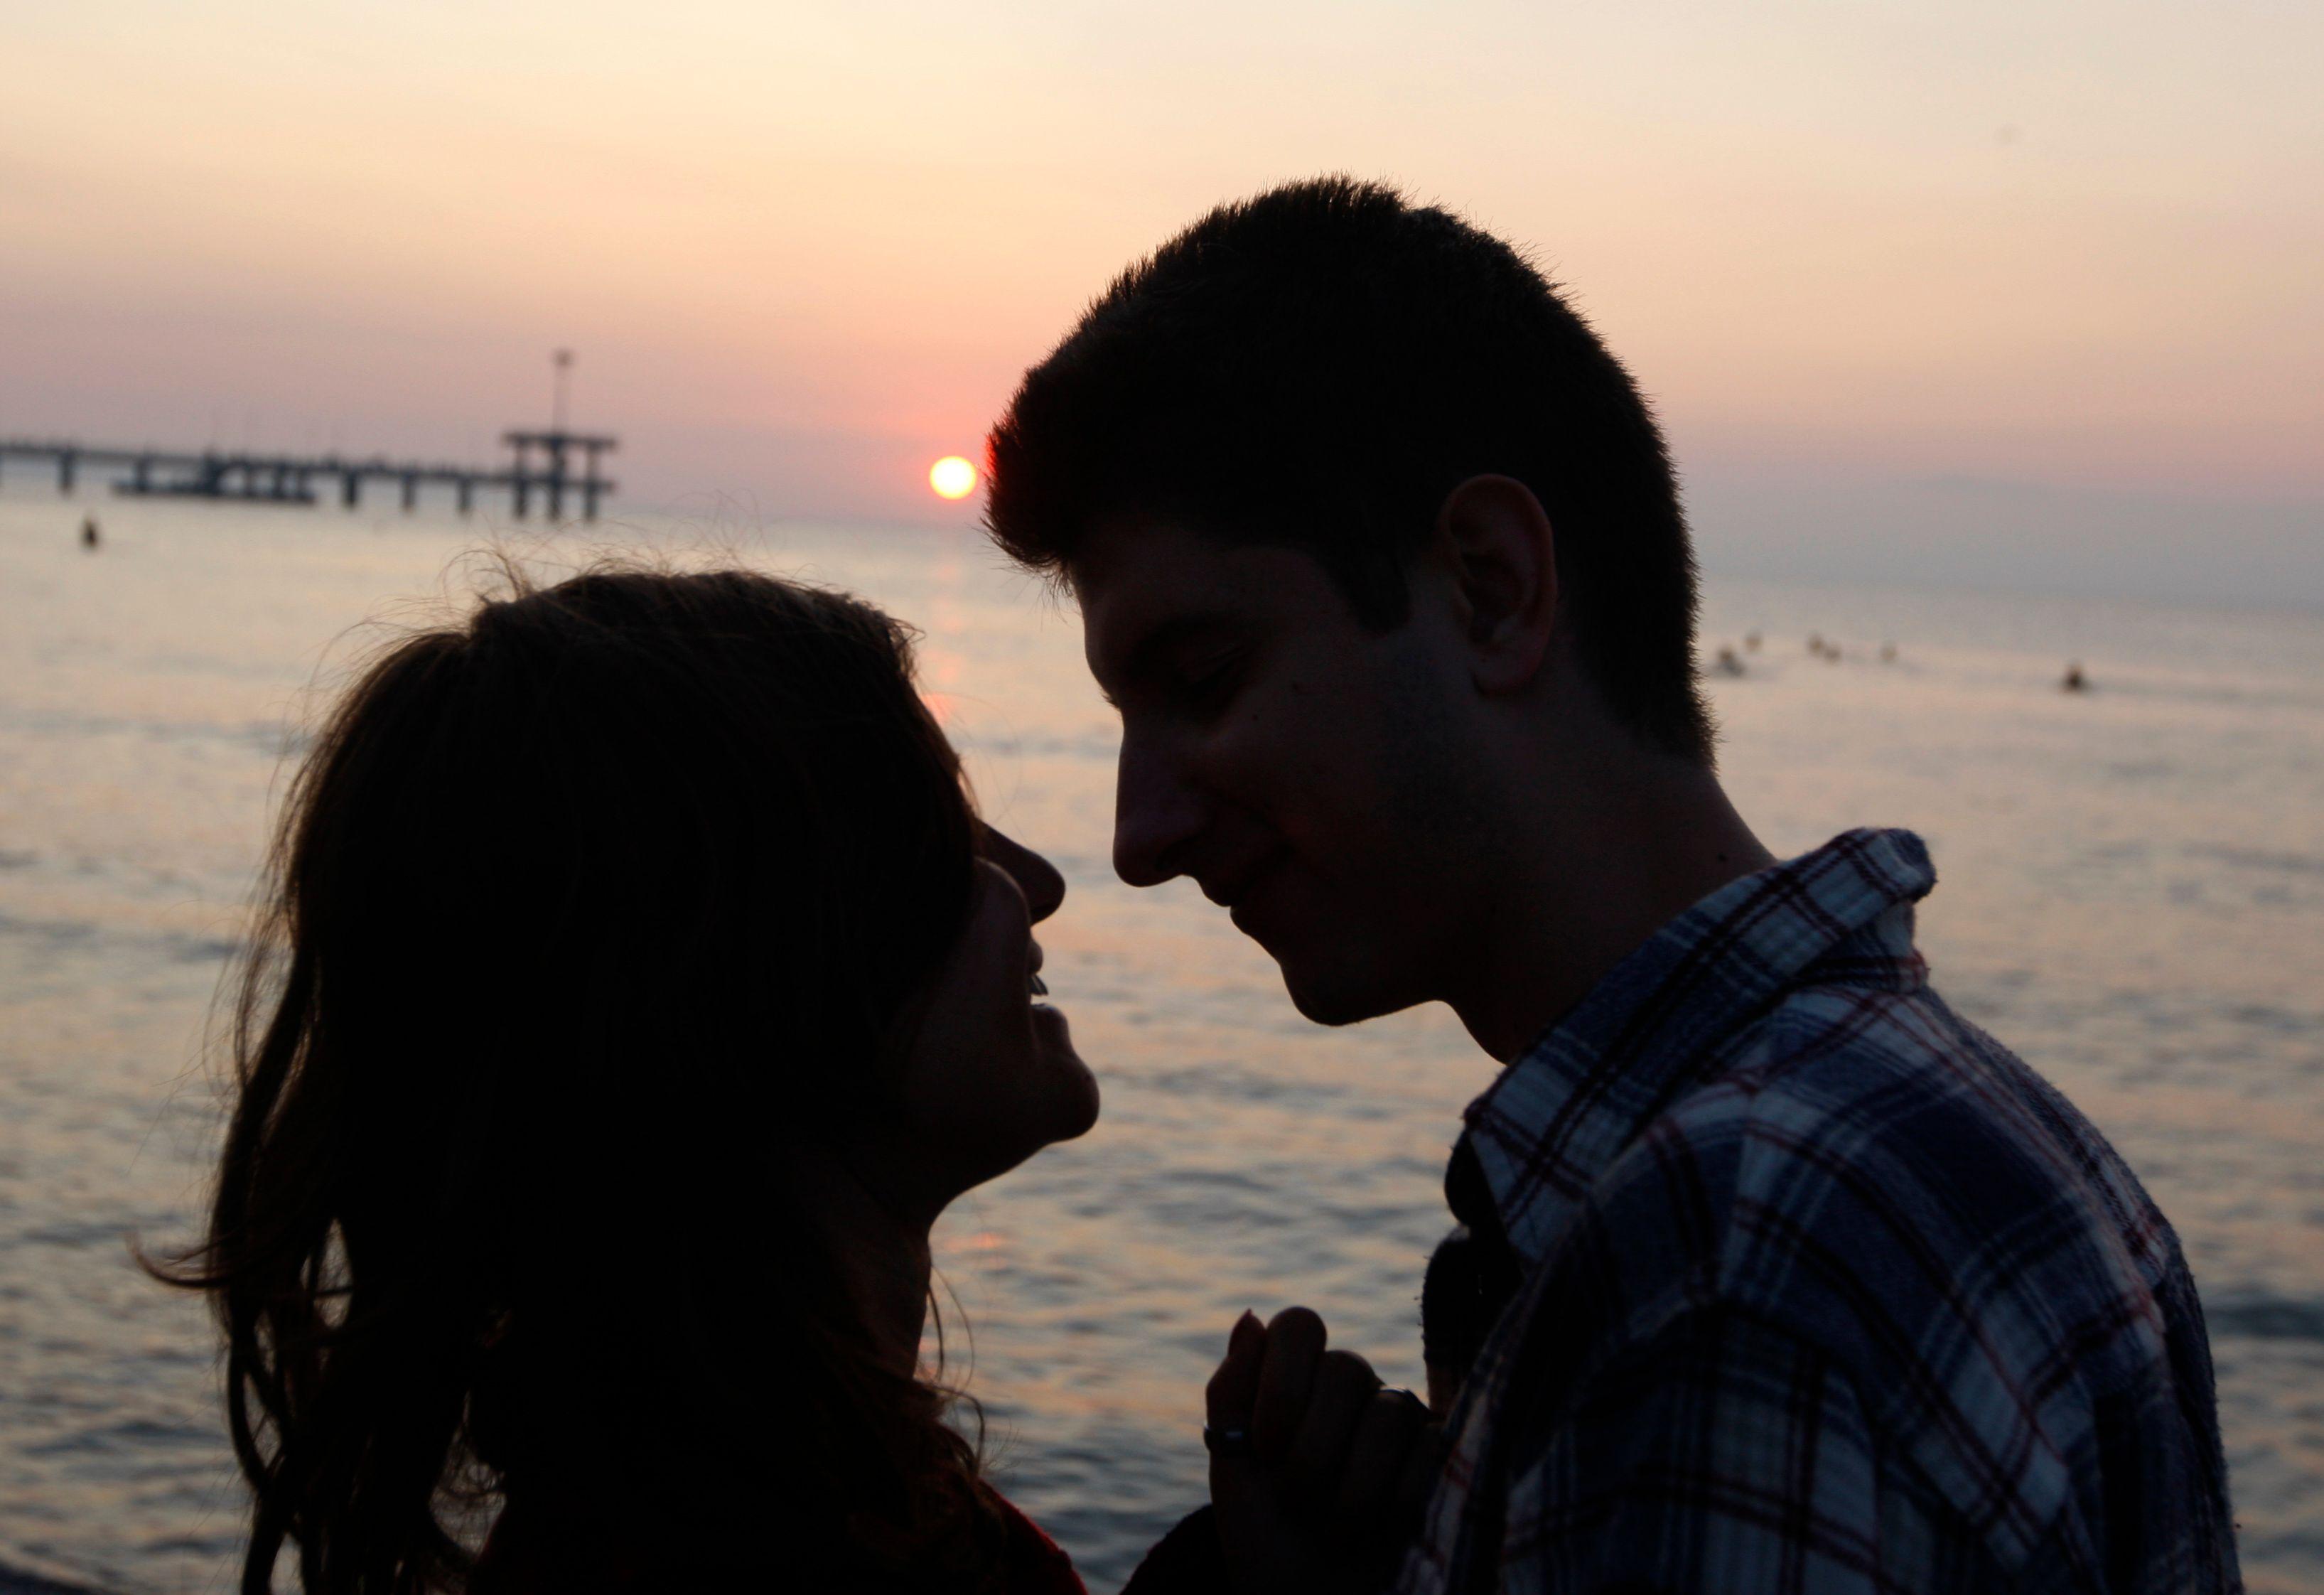 La Saint-Valentin n'était pas vraiment la fête des amoureux